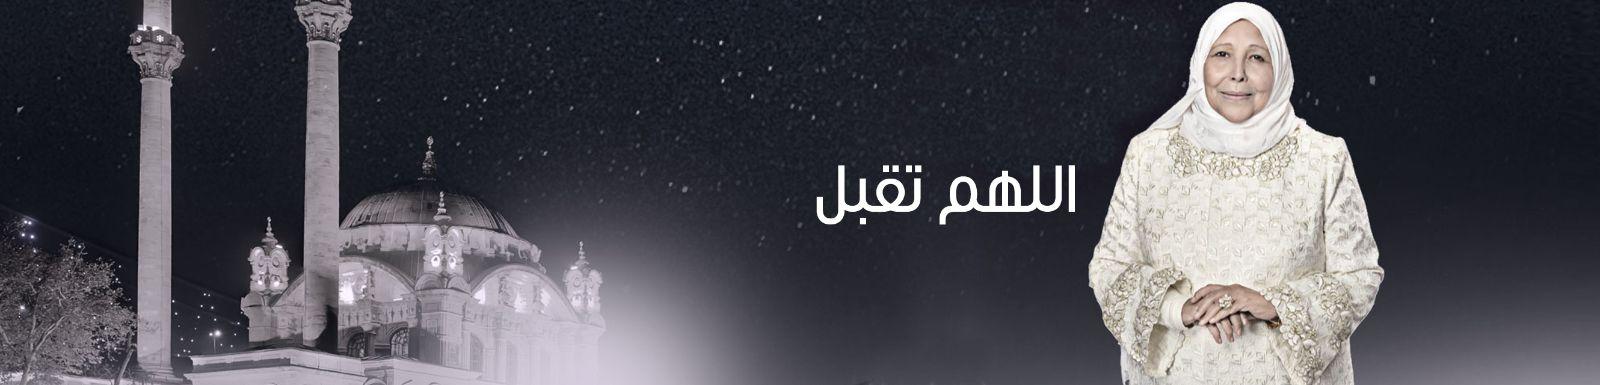 تحميل برنامج اللهم تقبل 2 الحلقة 4